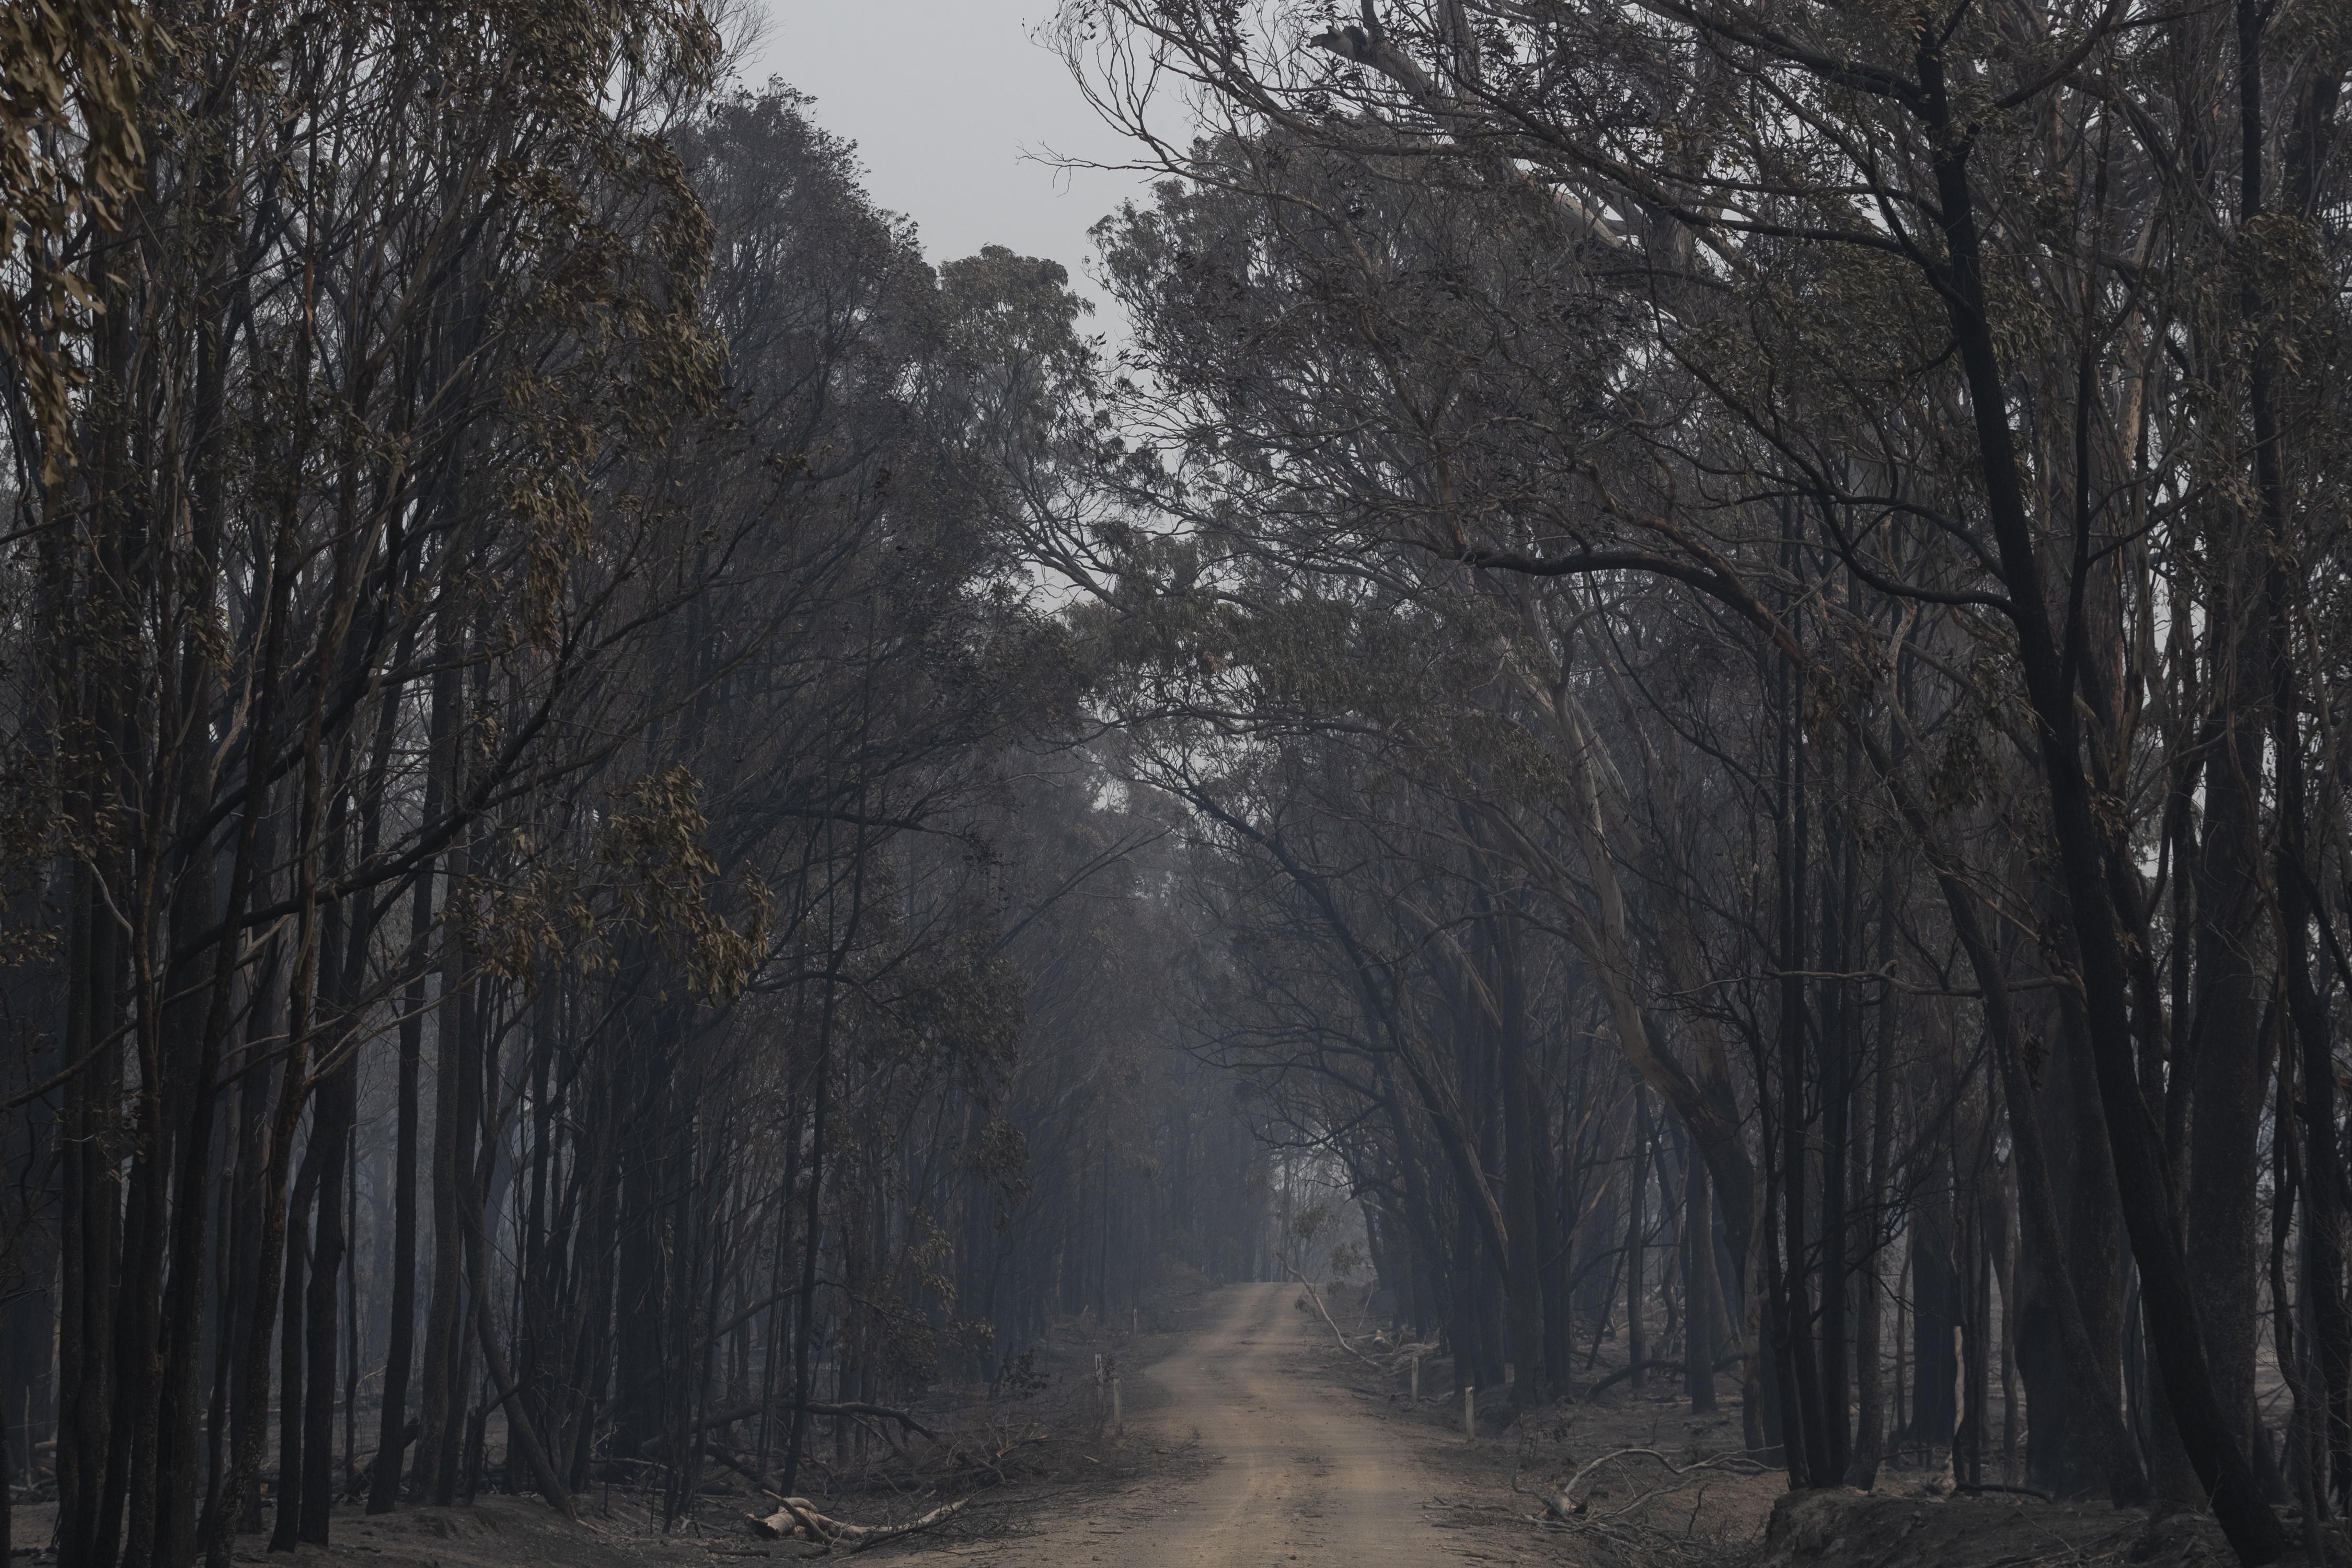 Fire damage on November 11, 2019, in Glen Innes, Australia.